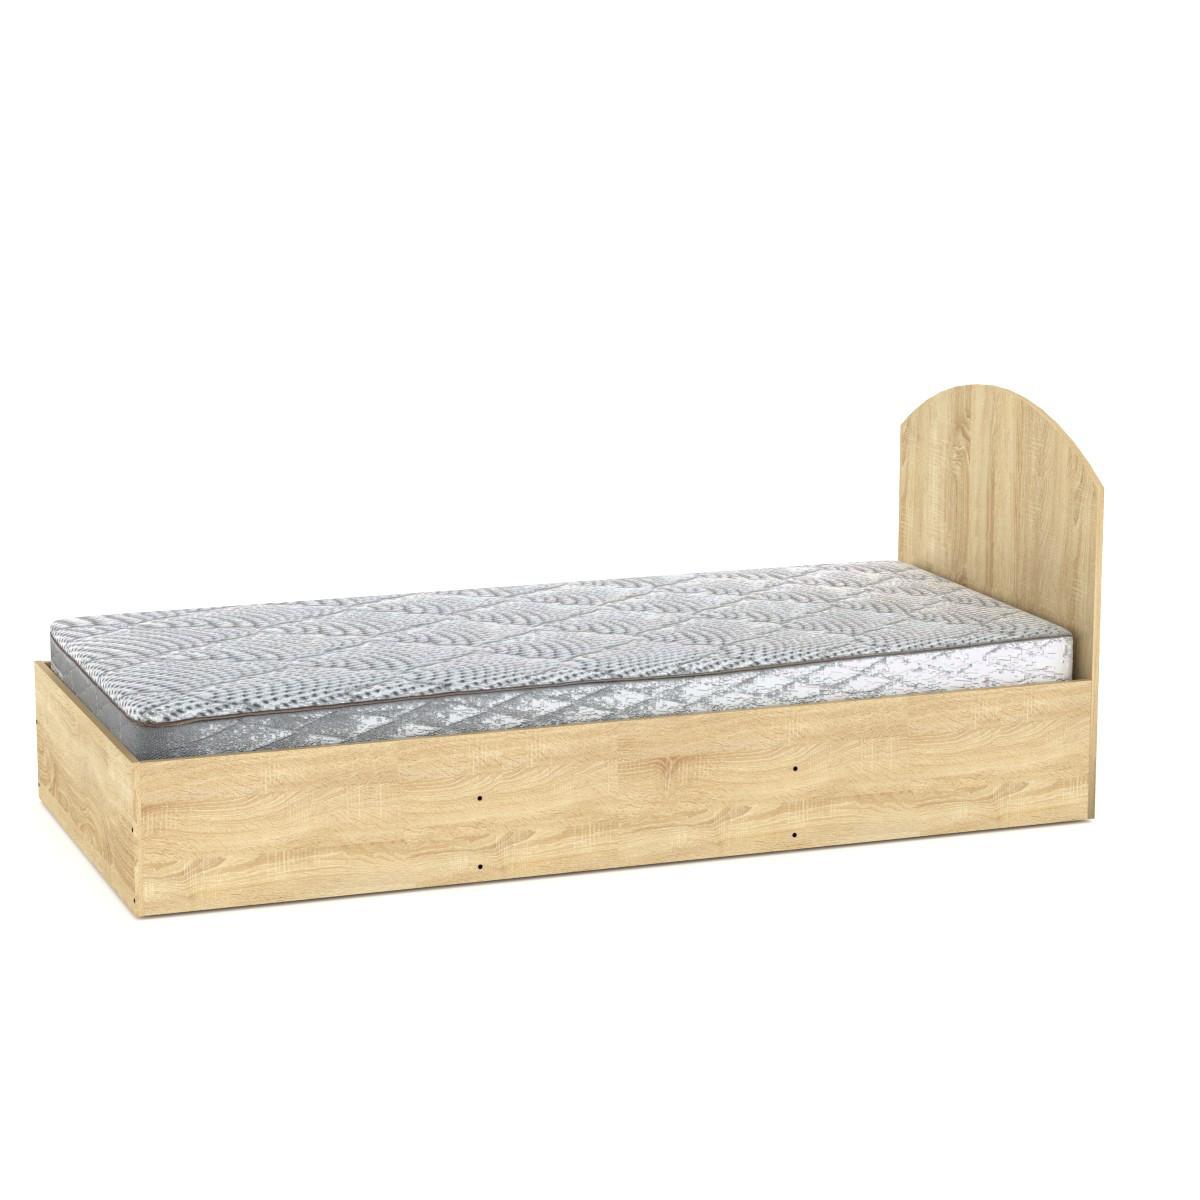 Кровать с матрасом 90 дуб сонома Компанит (94х204х85 см)